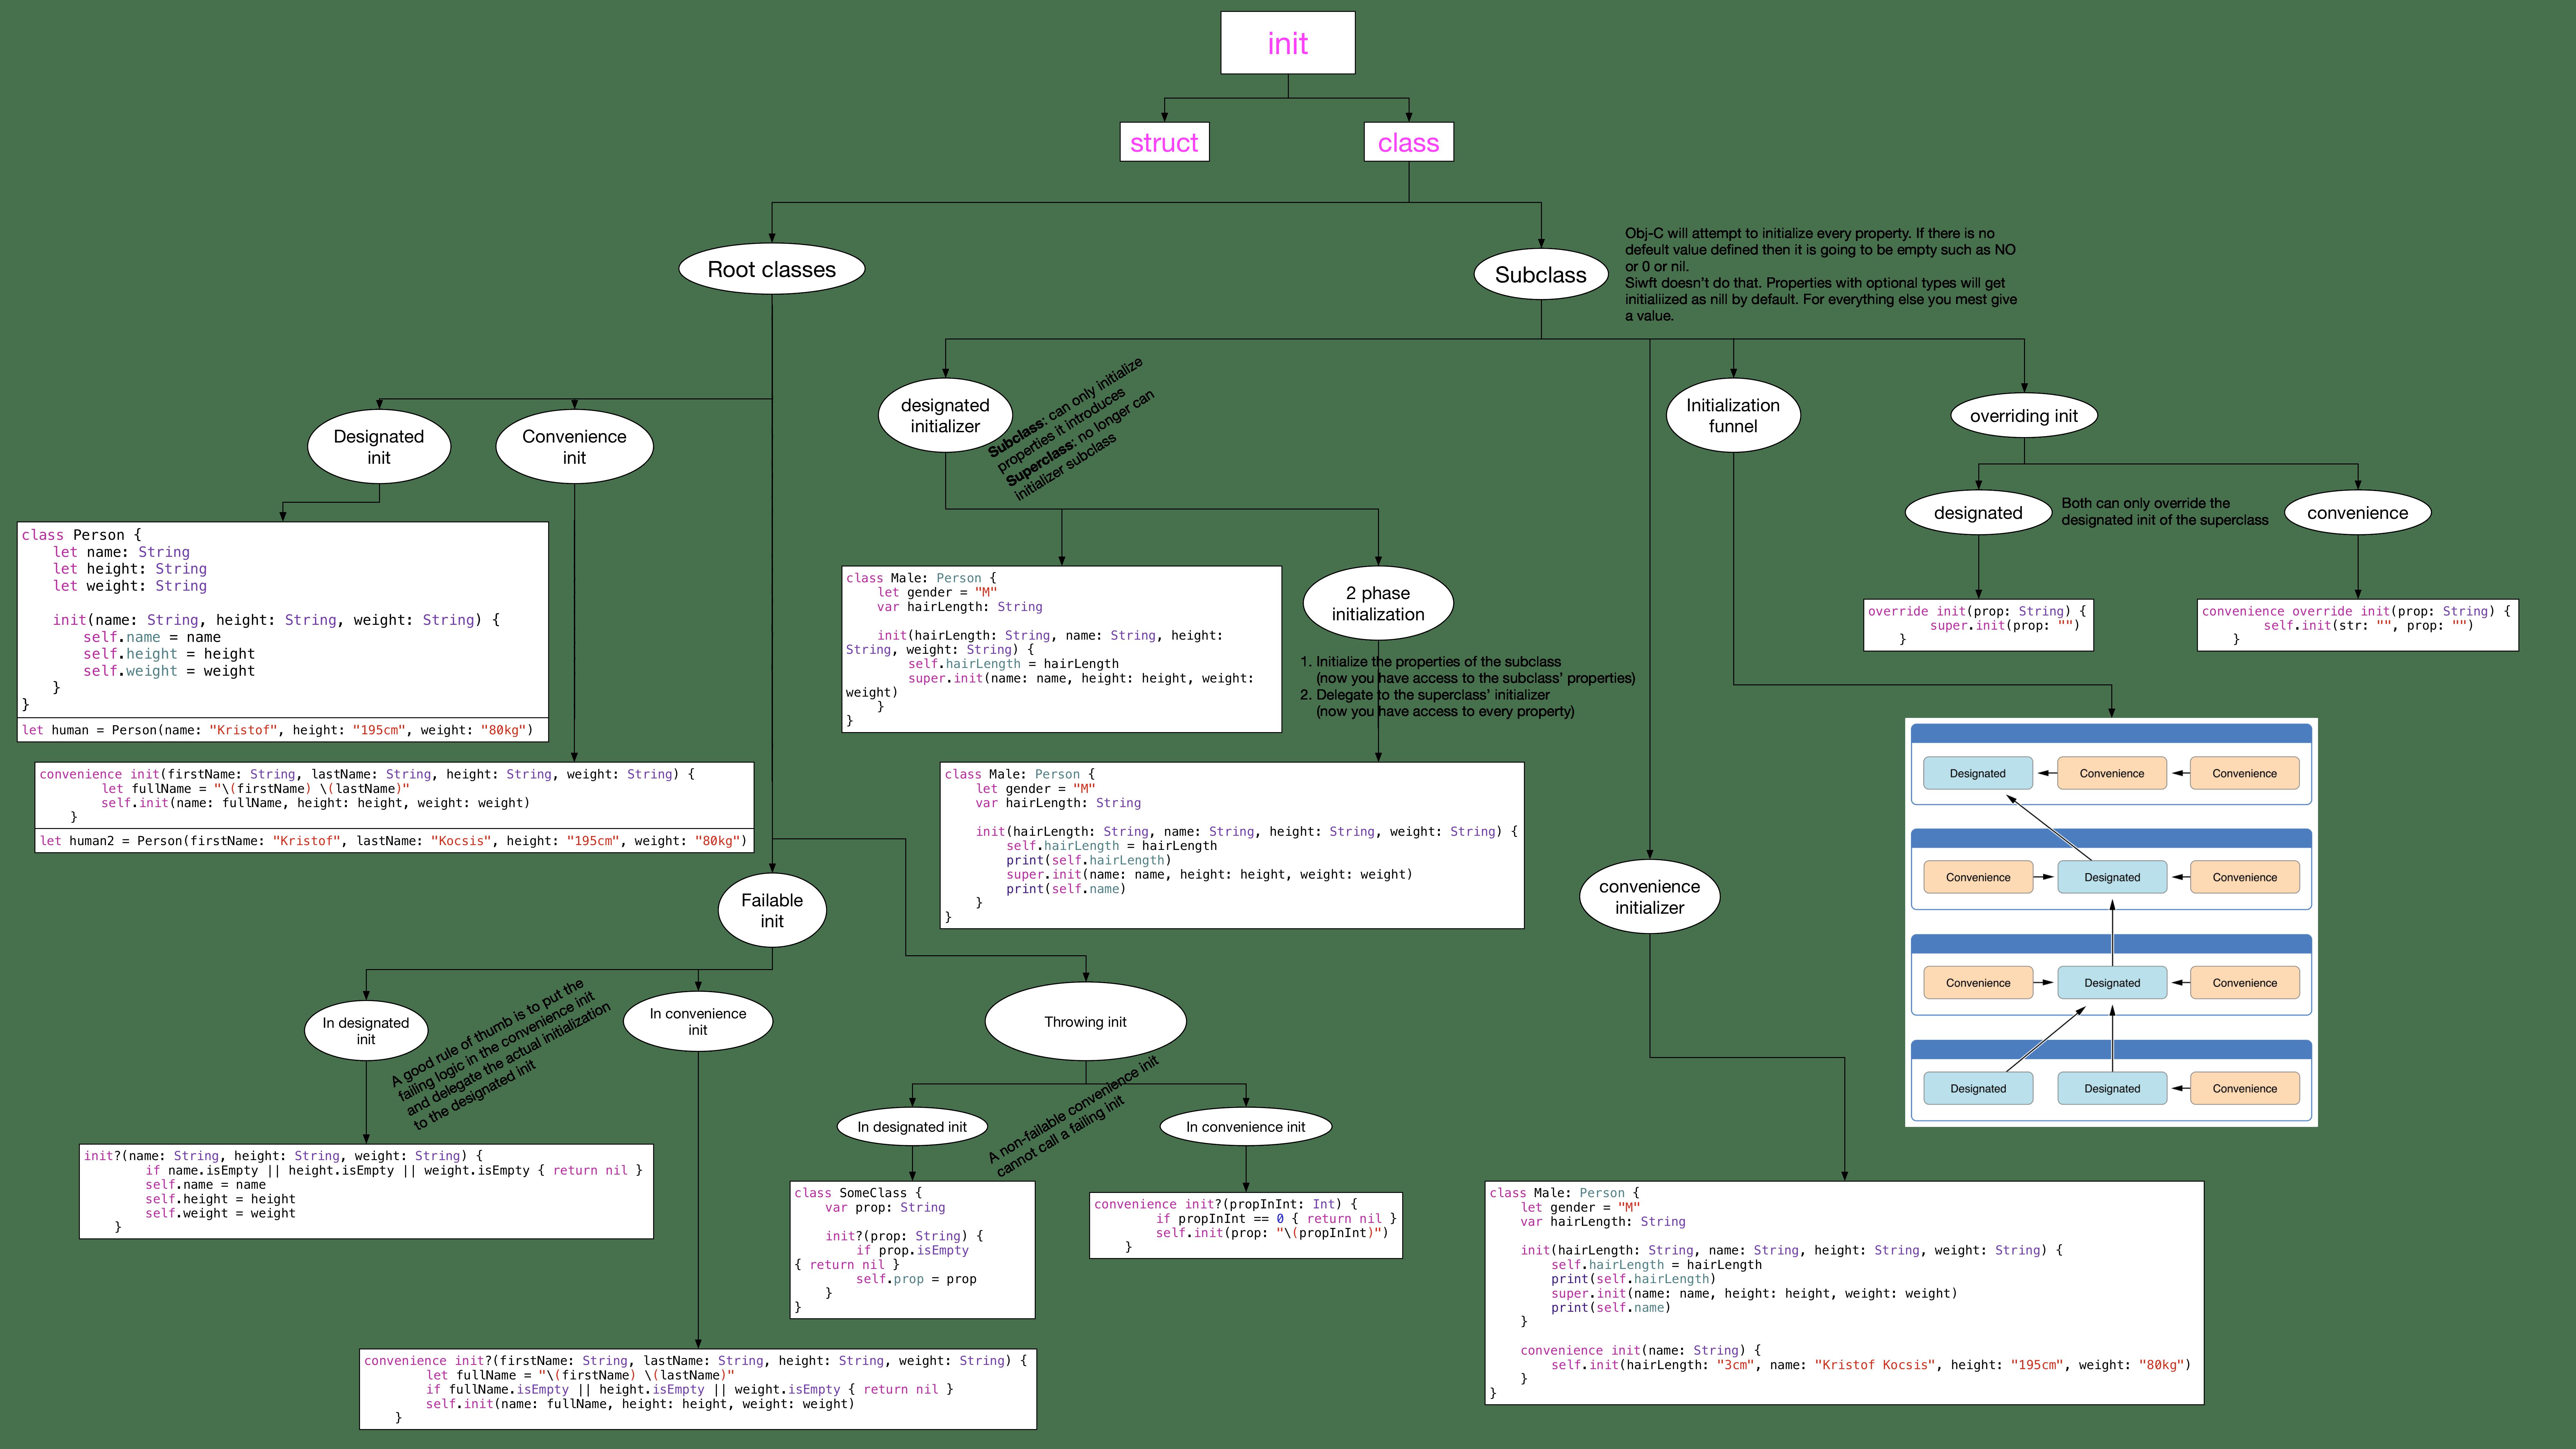 class initialization diagramm